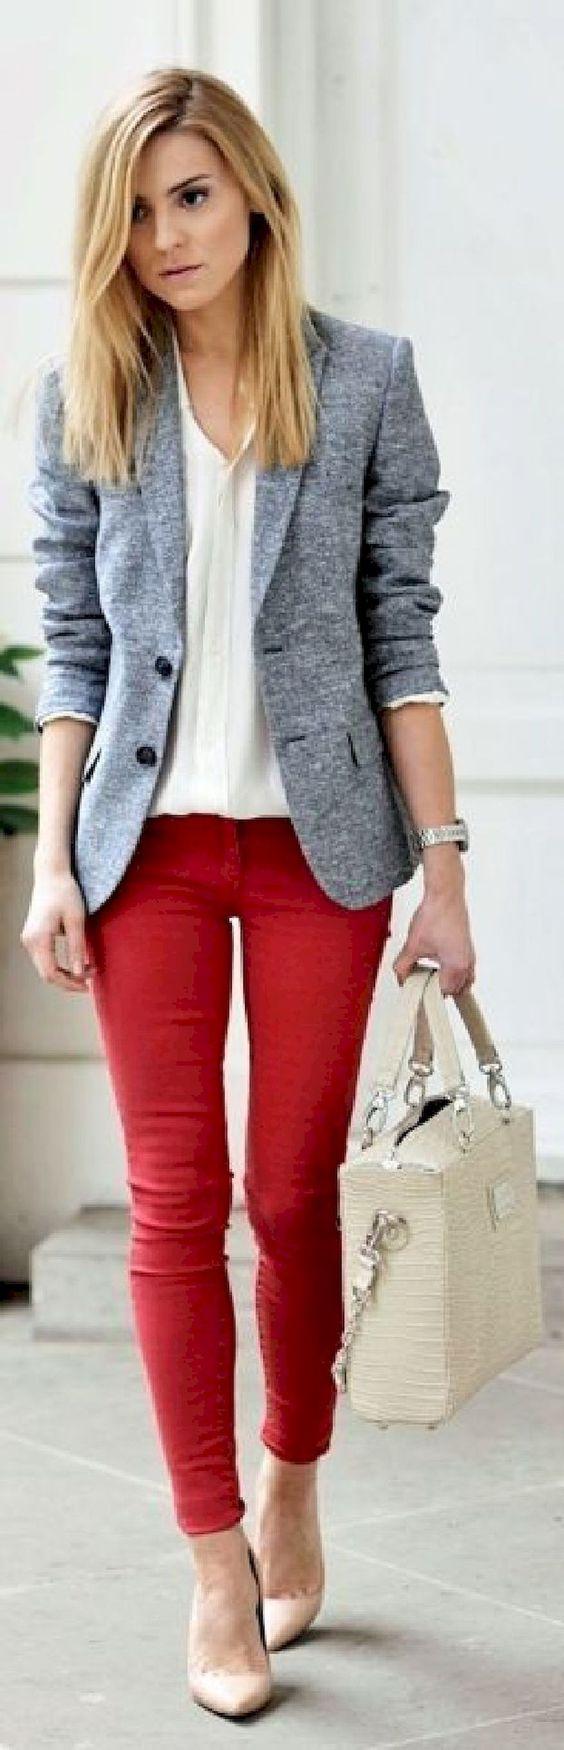 Gorgeous Fashion Looks